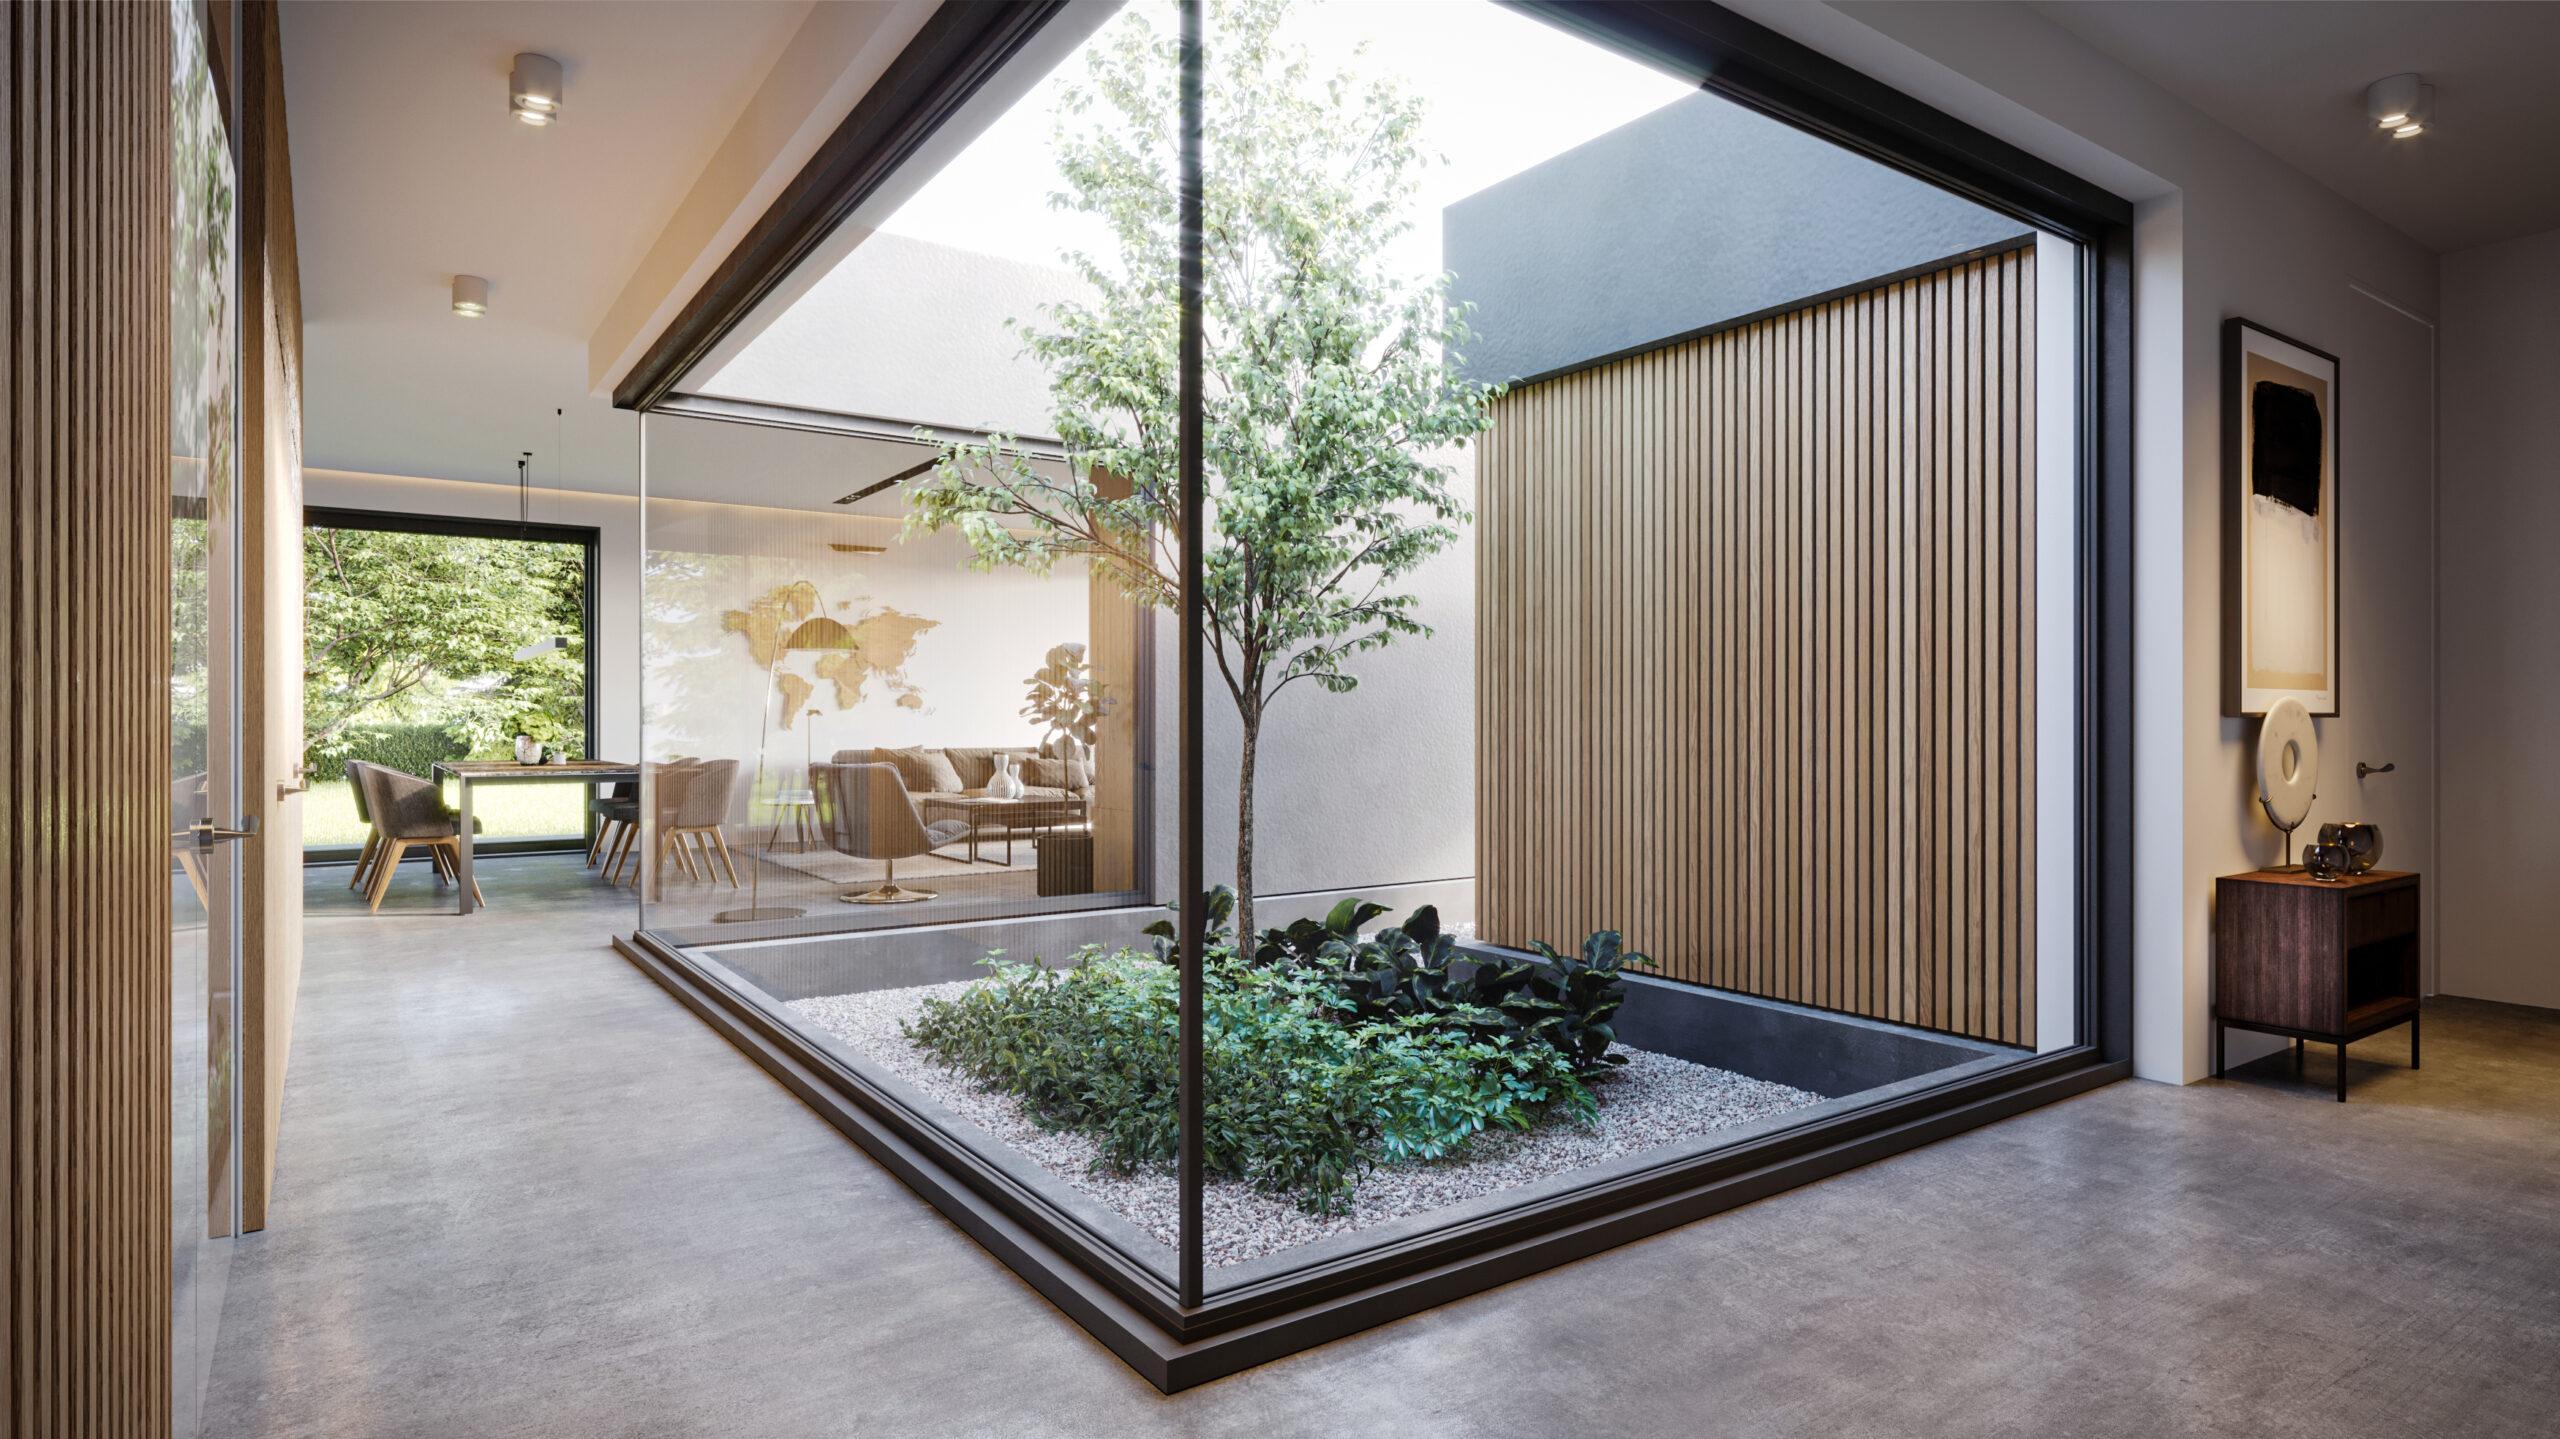 projekty wnętrz, projekty gotowe, dom z dziedzińcem, dom z drzewem